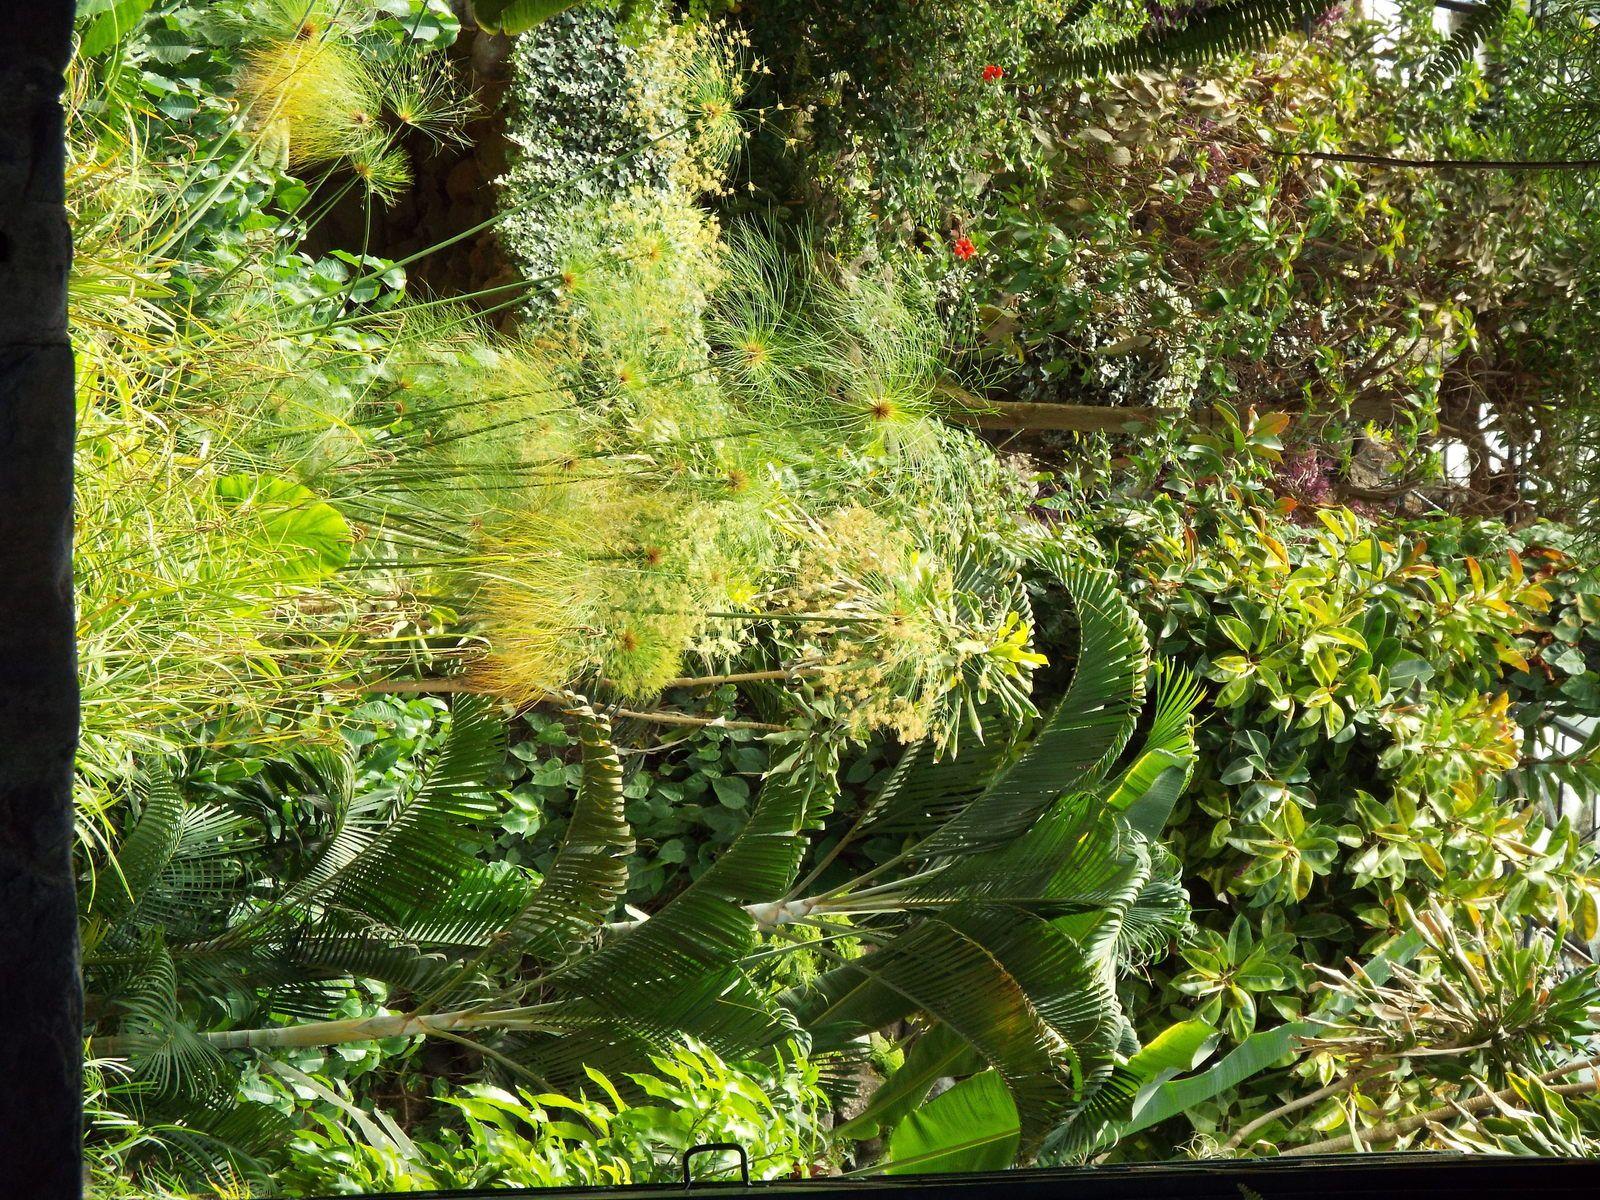 Estufa fria lisbonne jardin de - Estufa de jardin ...